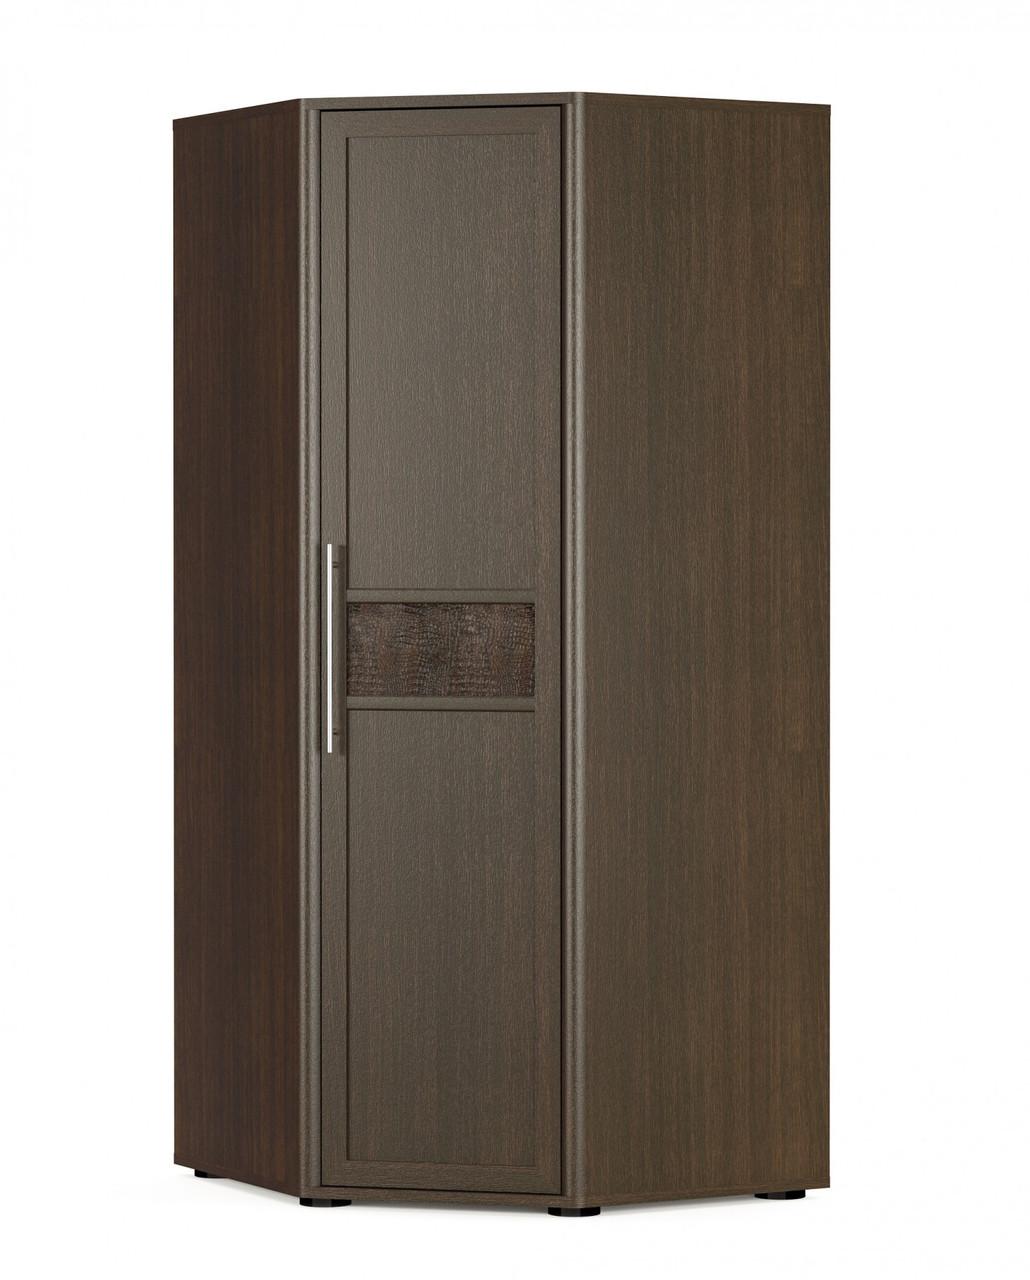 Угловой шкаф Токио Мебель-сервис